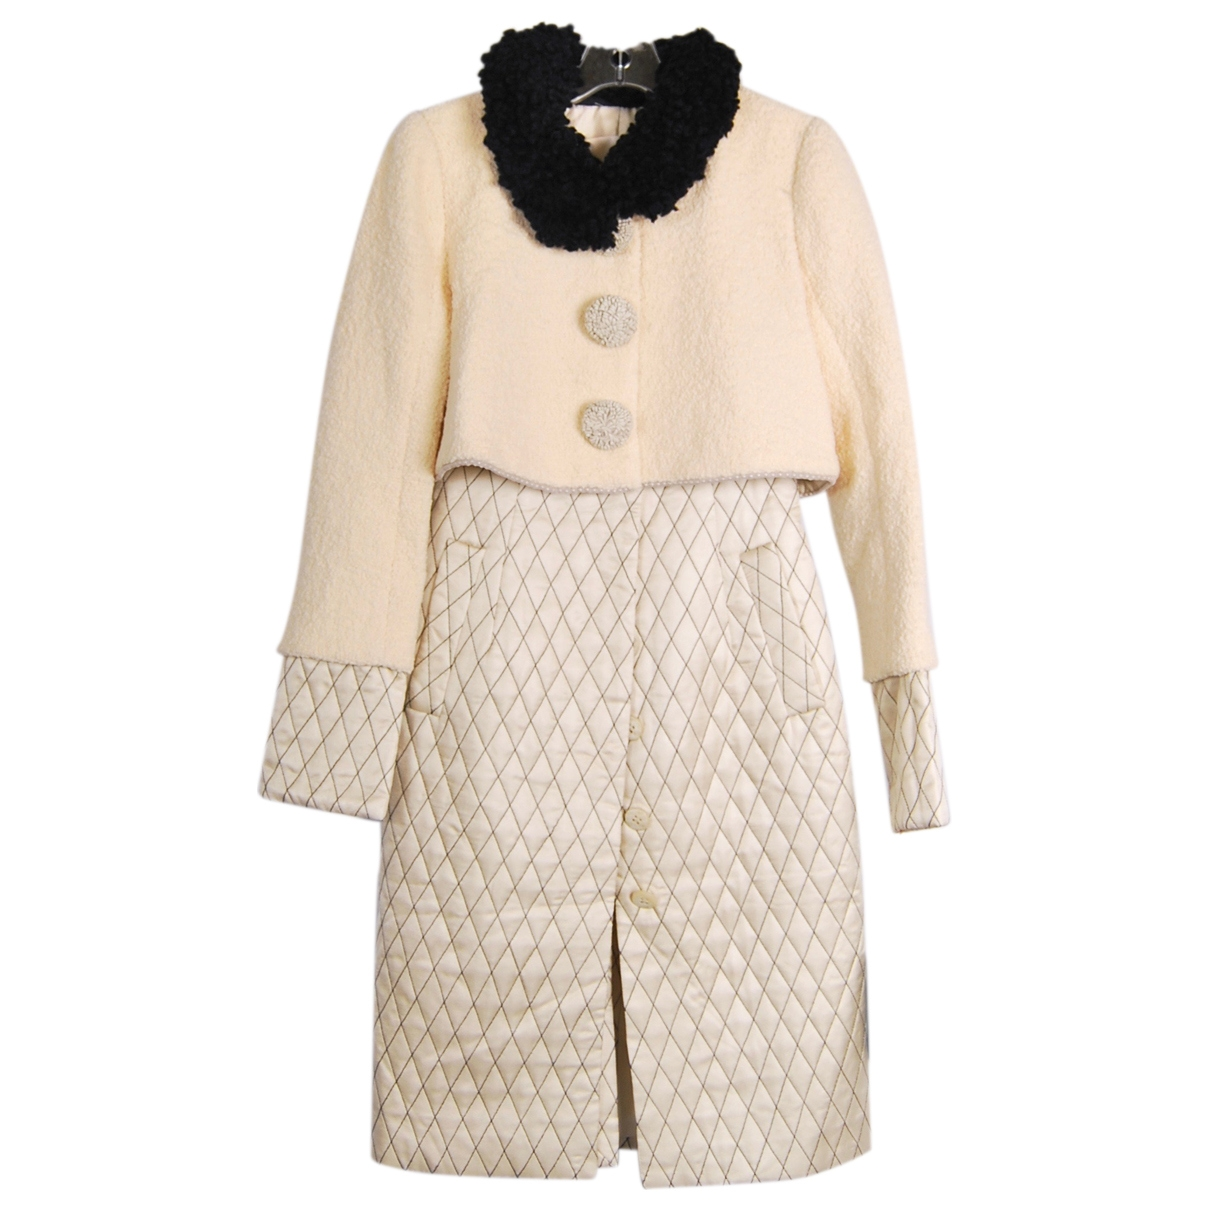 Zac Posen \N Beige Wool coat for Women 36 FR